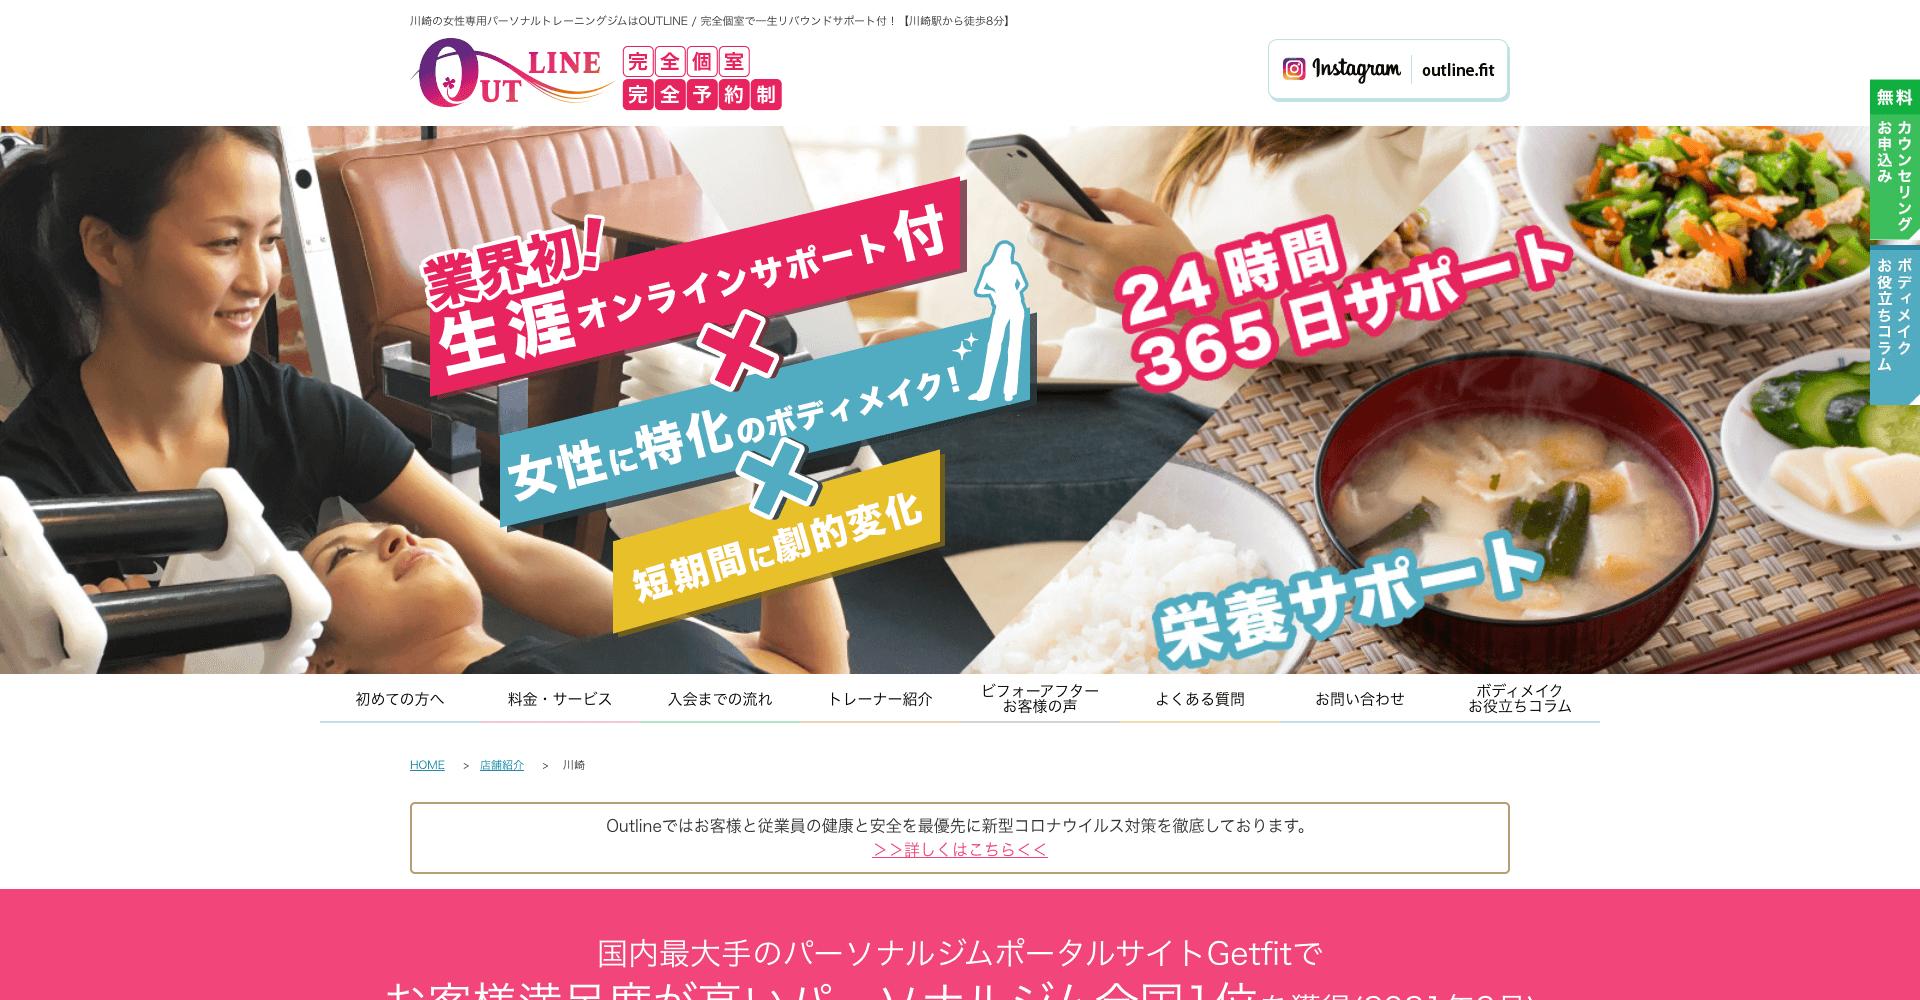 OUTLINE(アウトライン)川崎店